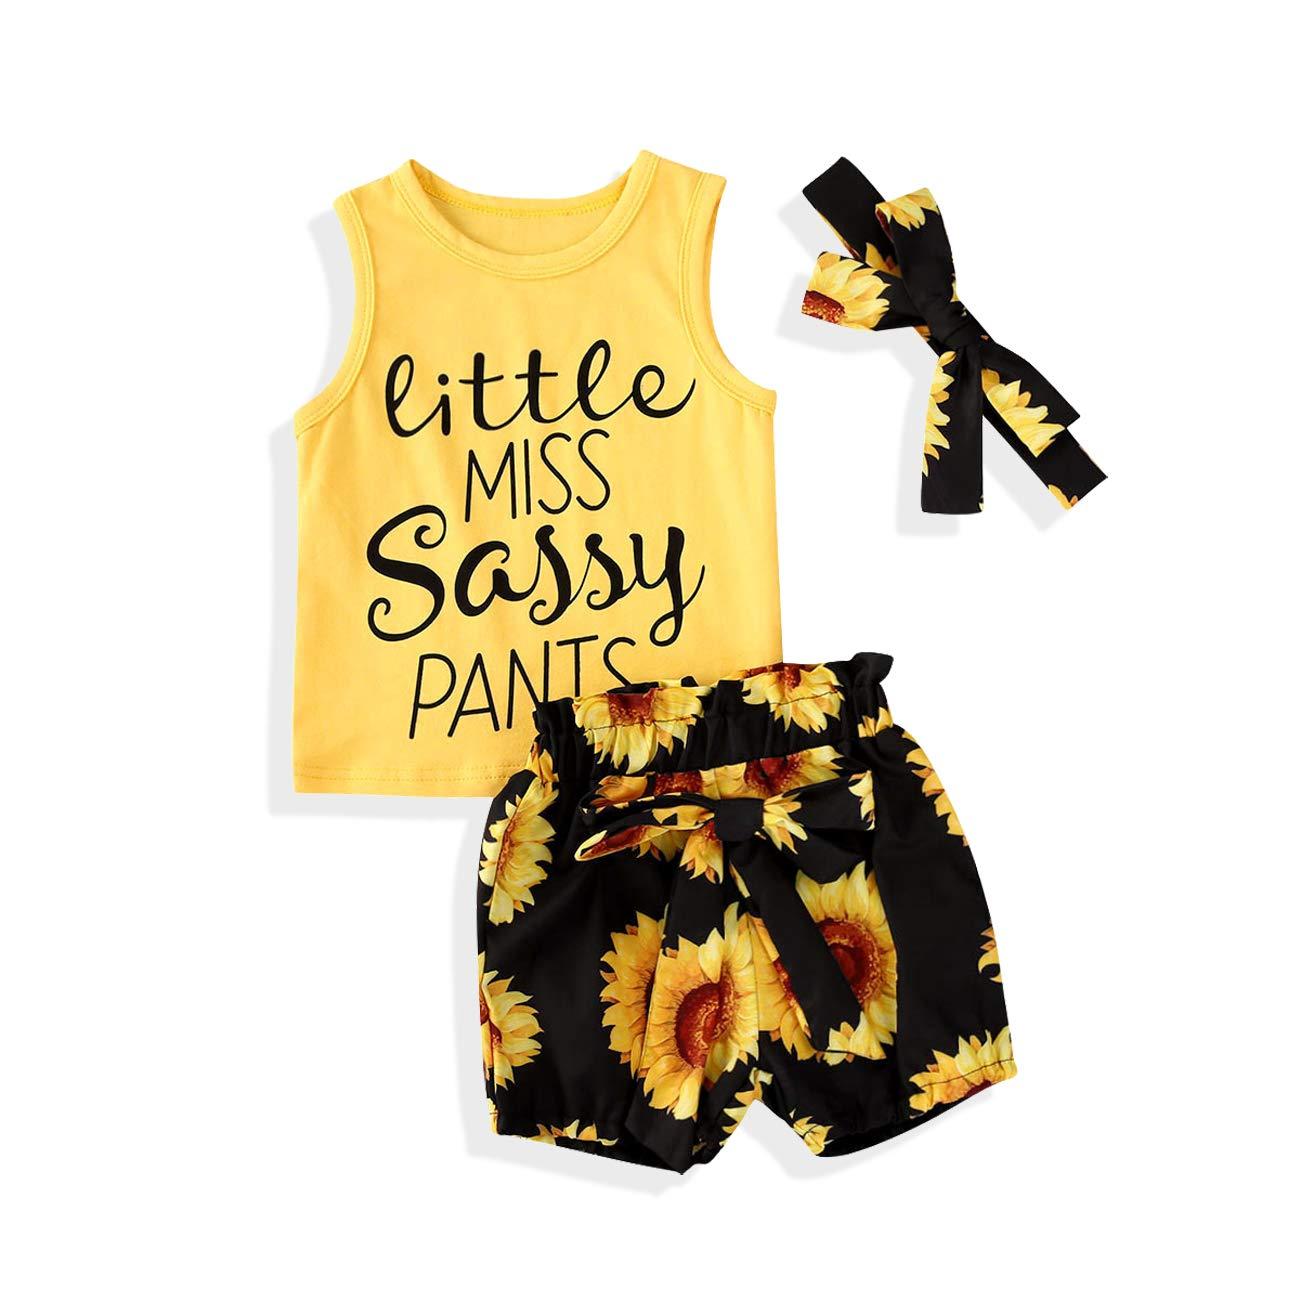 2Pcs Toddler Kids Girl Sunflower Outfits T-Shirt Tops + Denim Shorts Summer Clothes